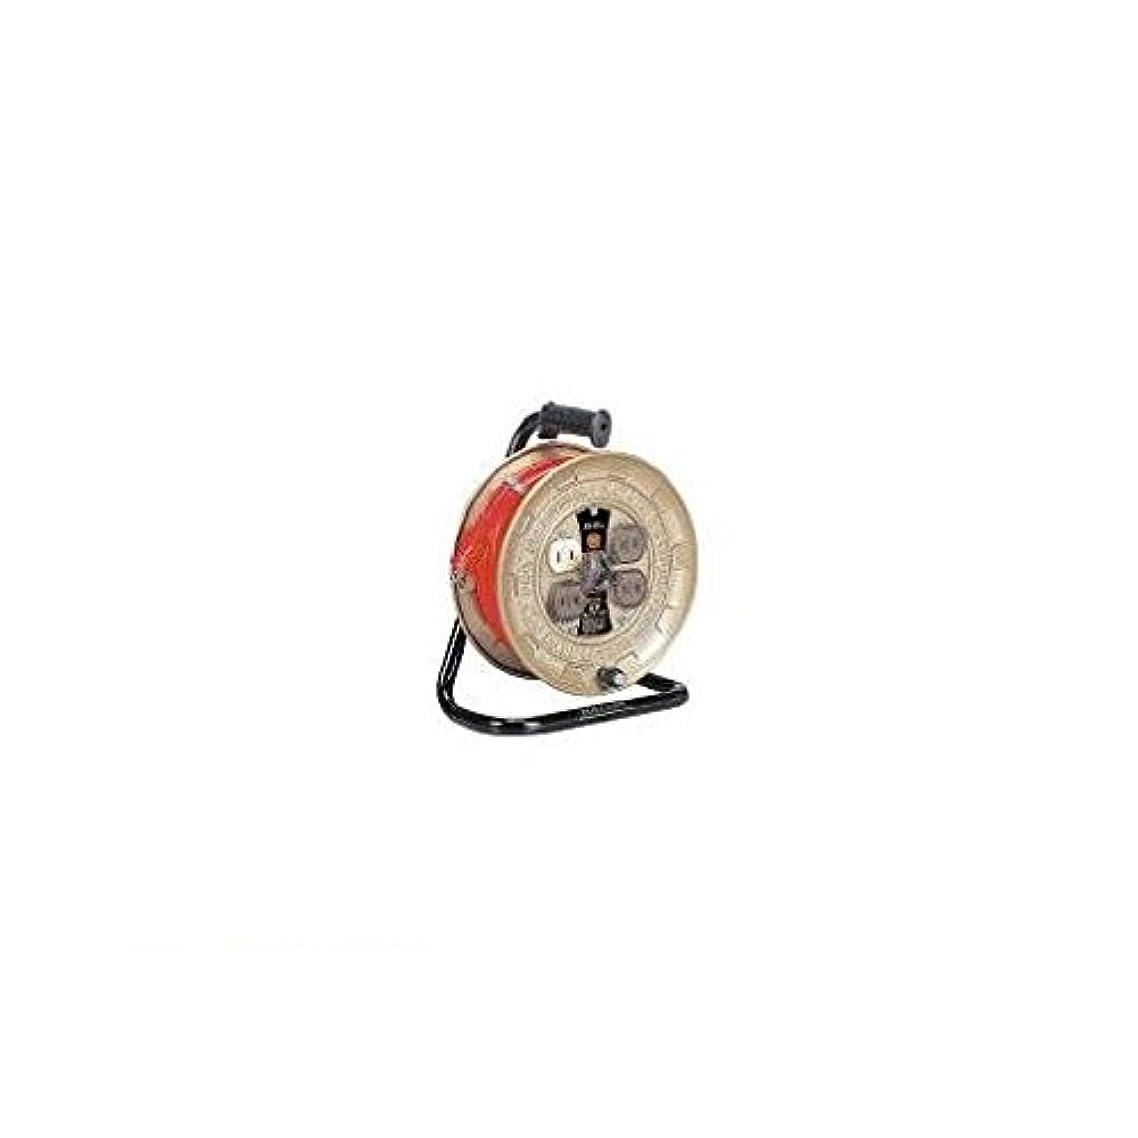 物語地雷原孤独FT42122 温度センサー付コードリール単相100V10M